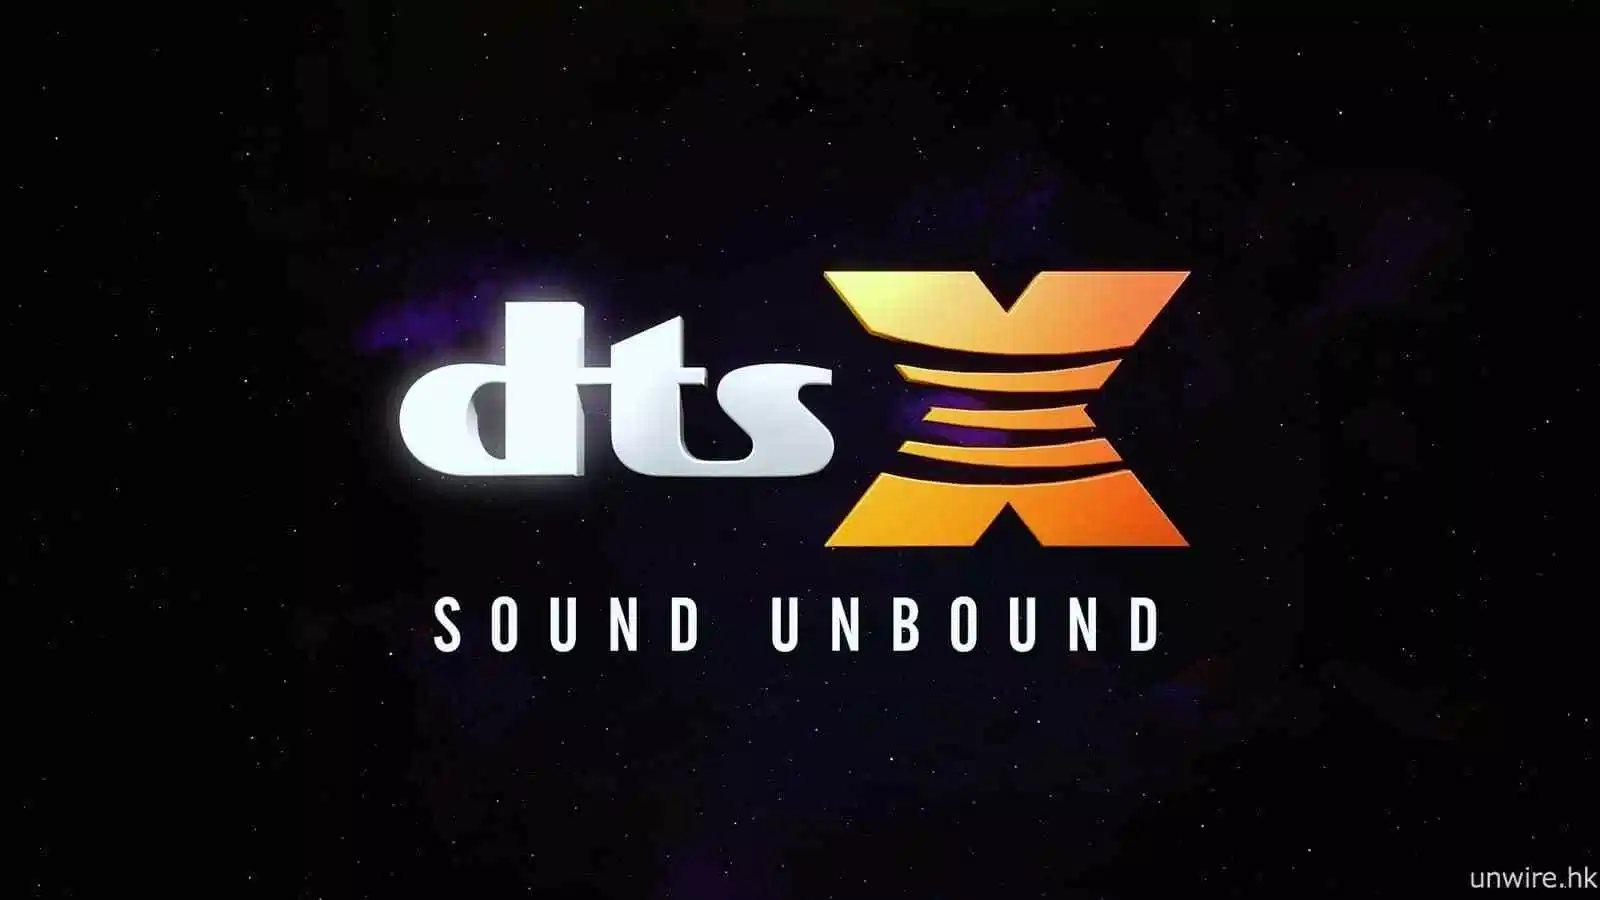 提供更沉浸音場感受 微軟在Xbox One加入DTS Sound Unbound等聲音技術   科技娛樂   數位